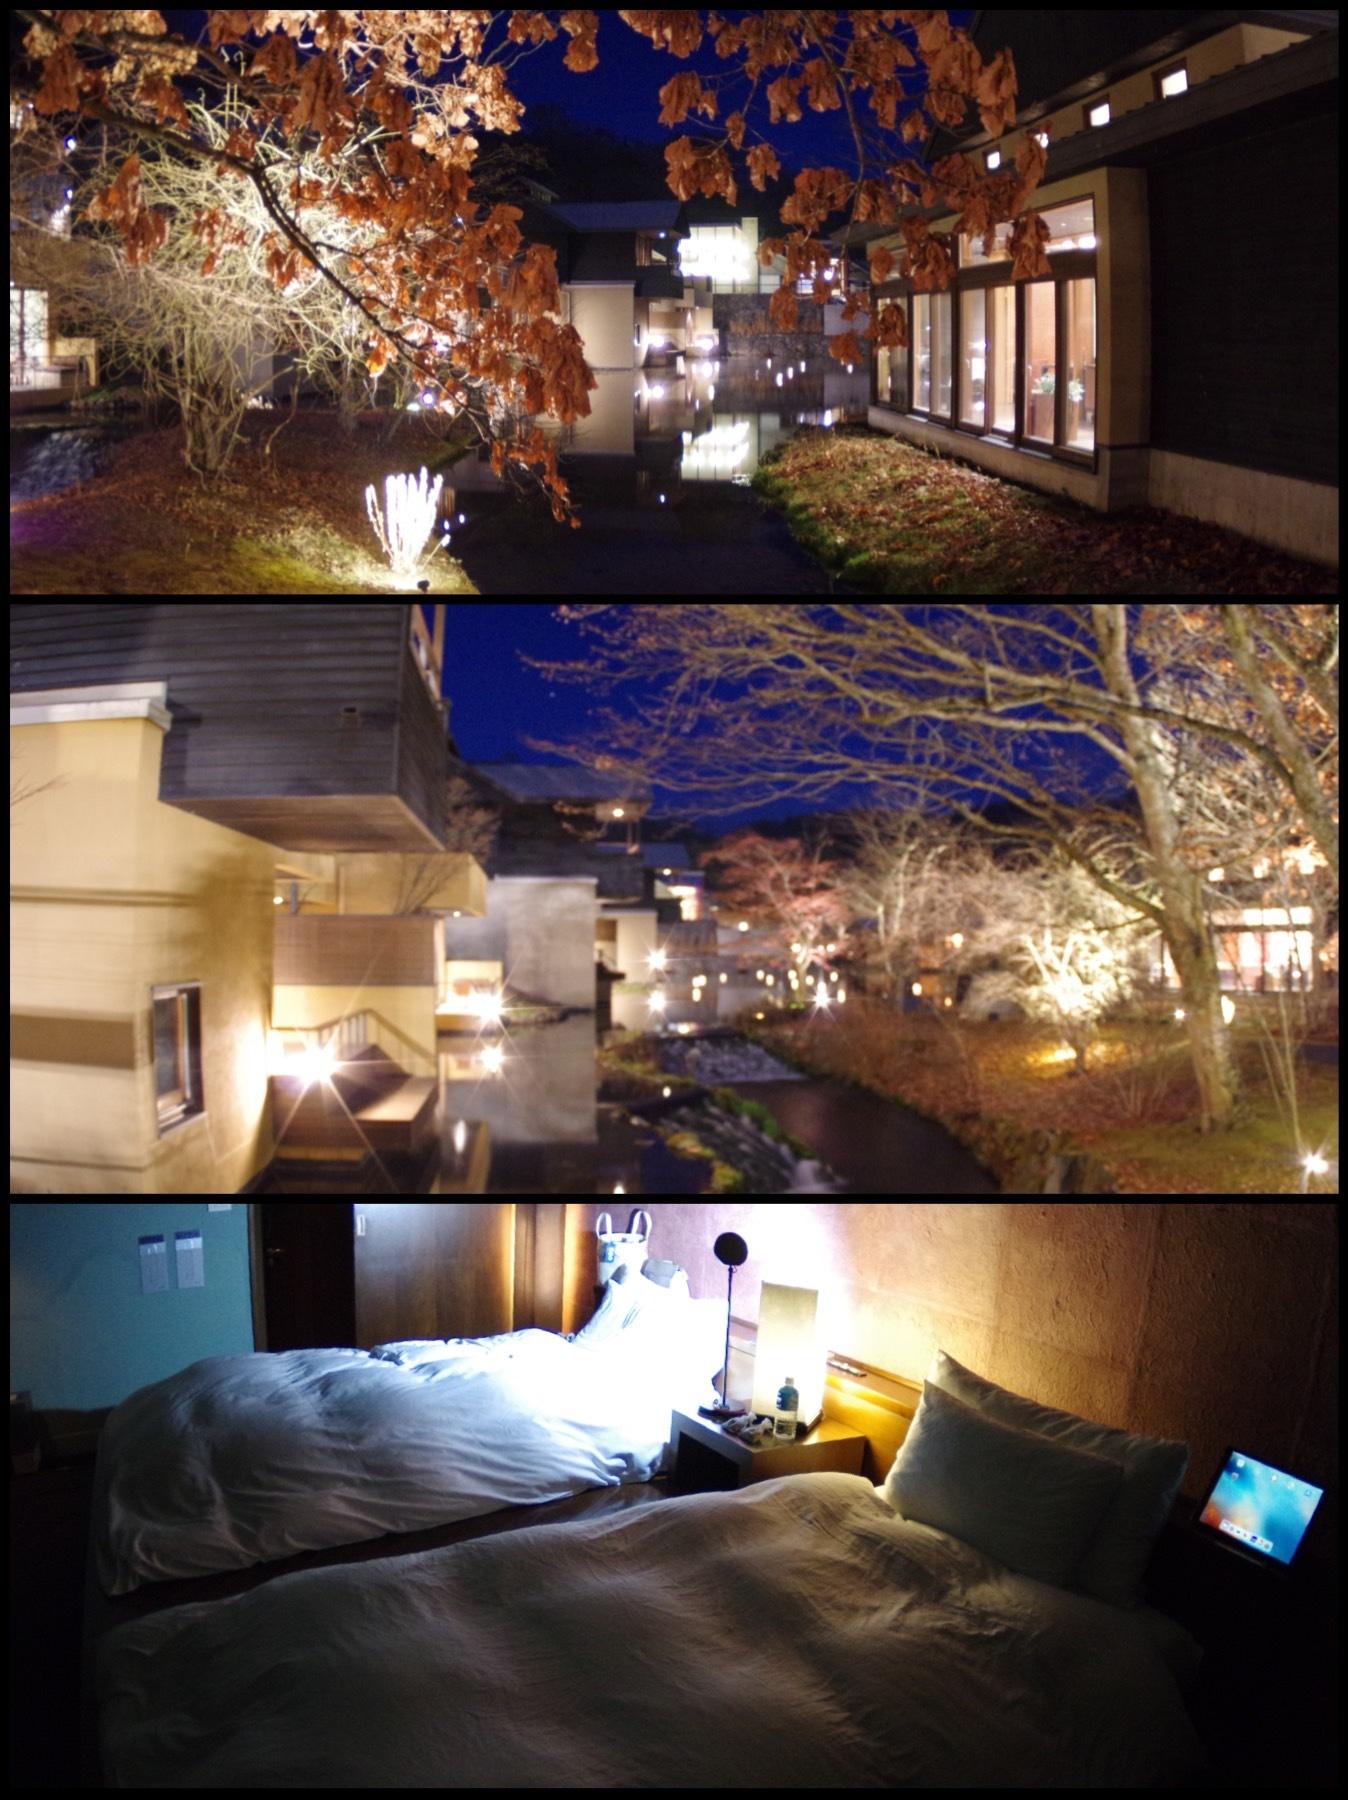 星のや軽井沢 山路地の部屋 宿泊 夜景